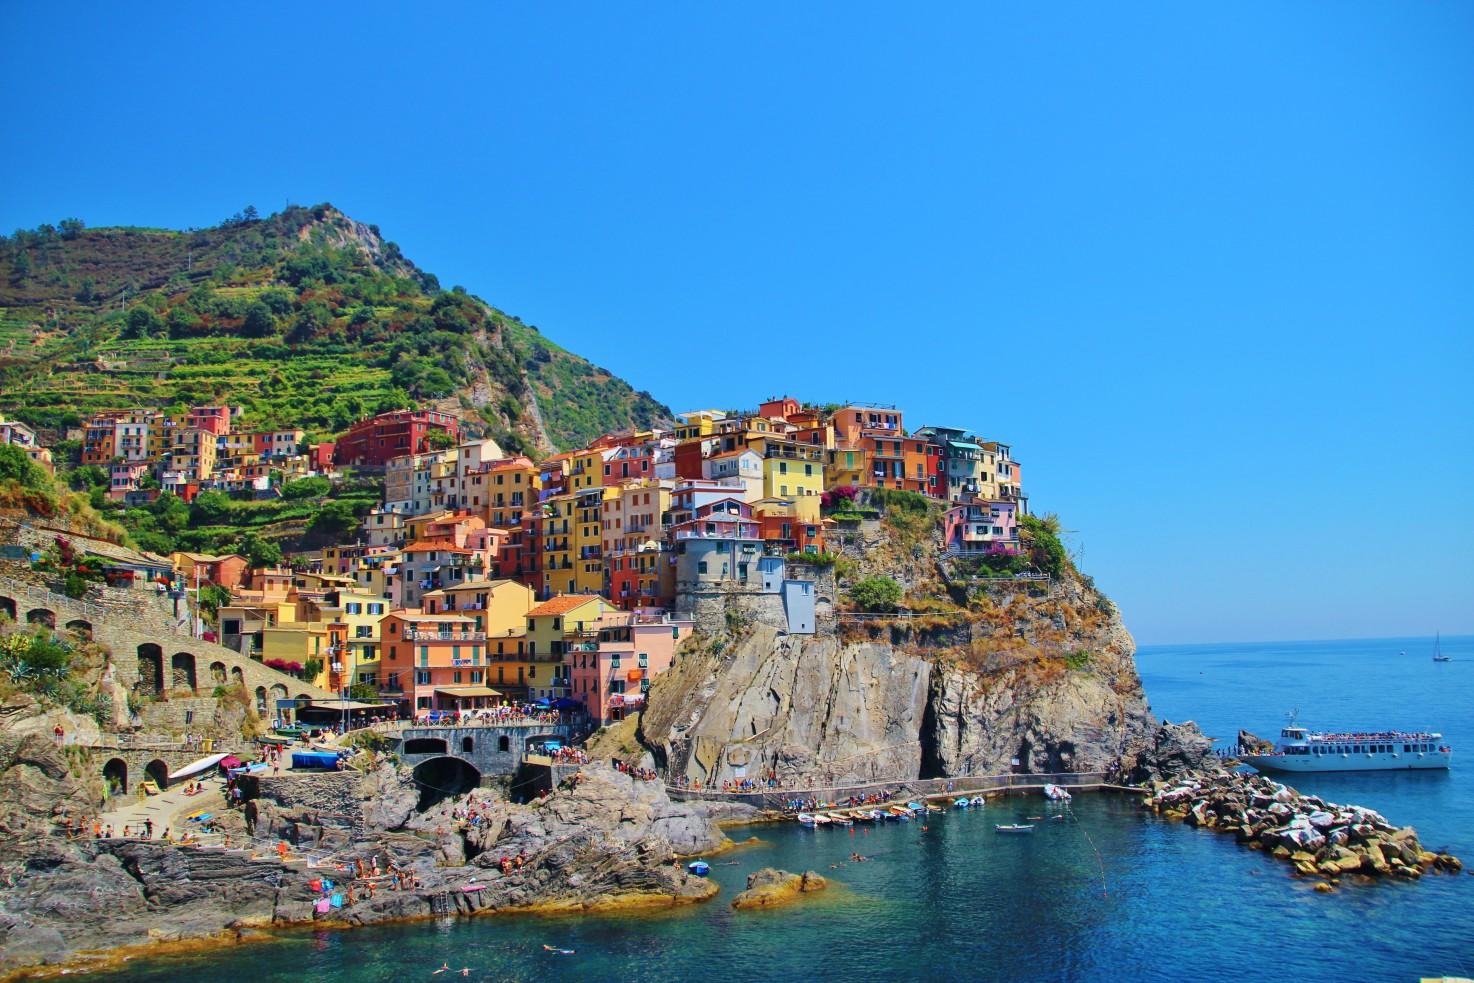 cinque terre italy travel blog